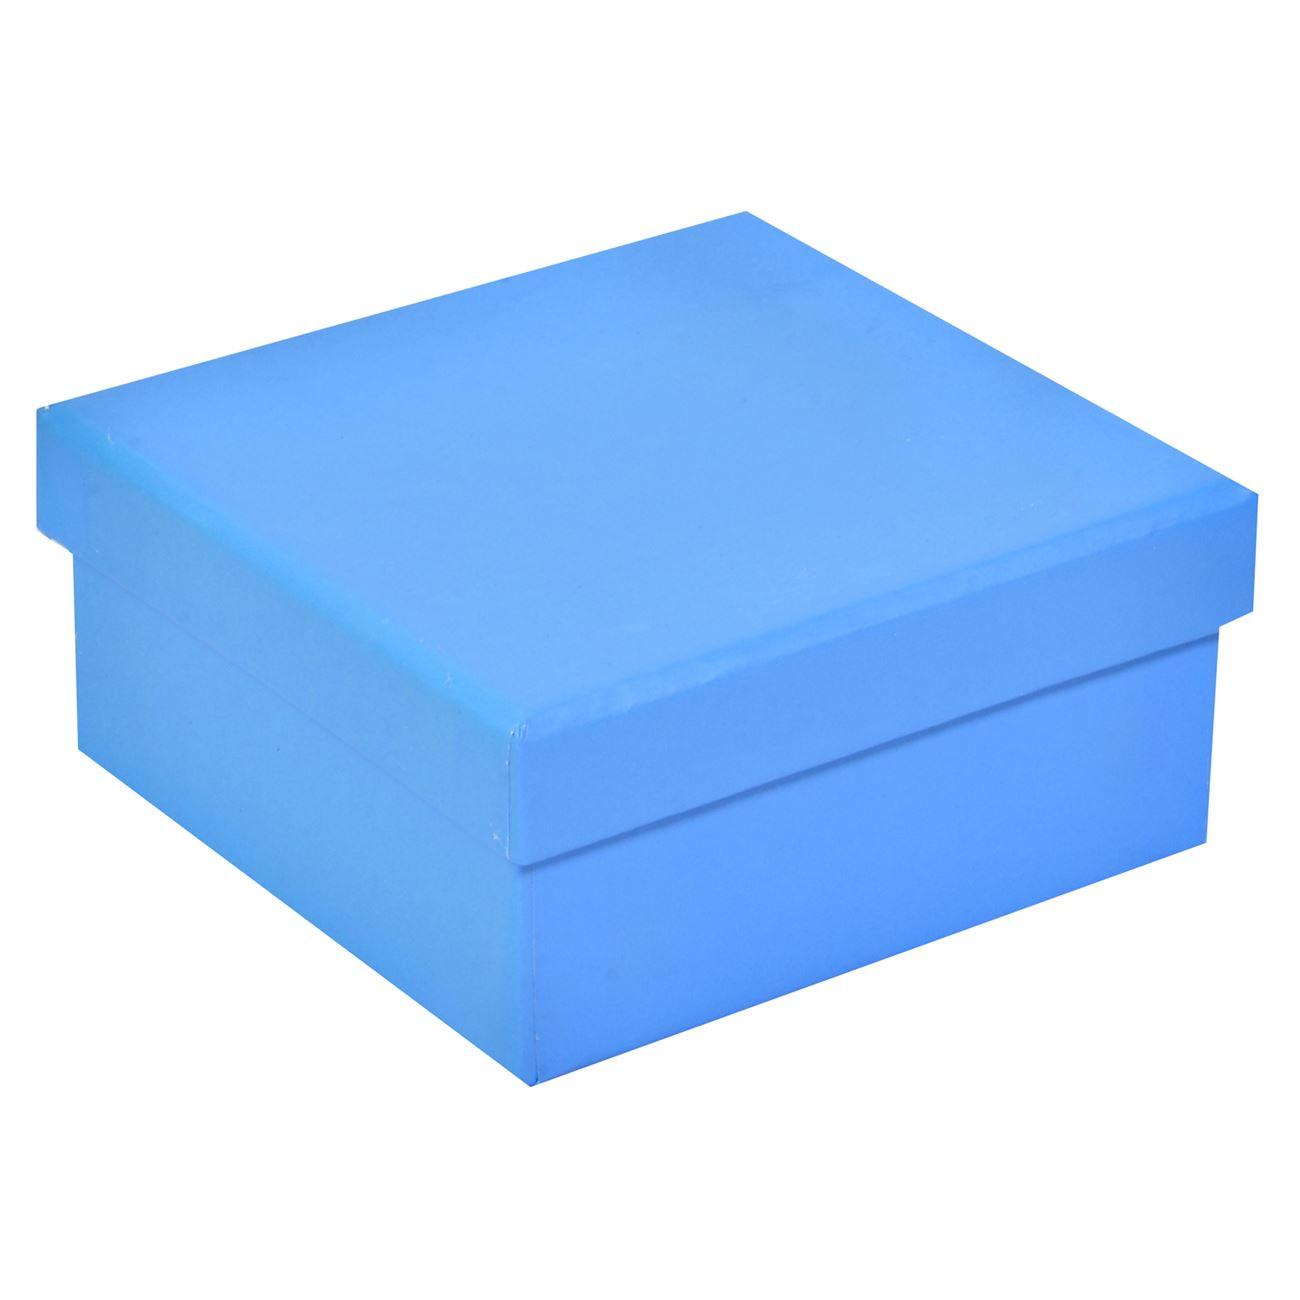 5d66b801b04f Κουτί Συσκευασίας Χάρτινο Τυρκουάζ 8x8x4.5   Κουτιά Χάρτινα Μίνι